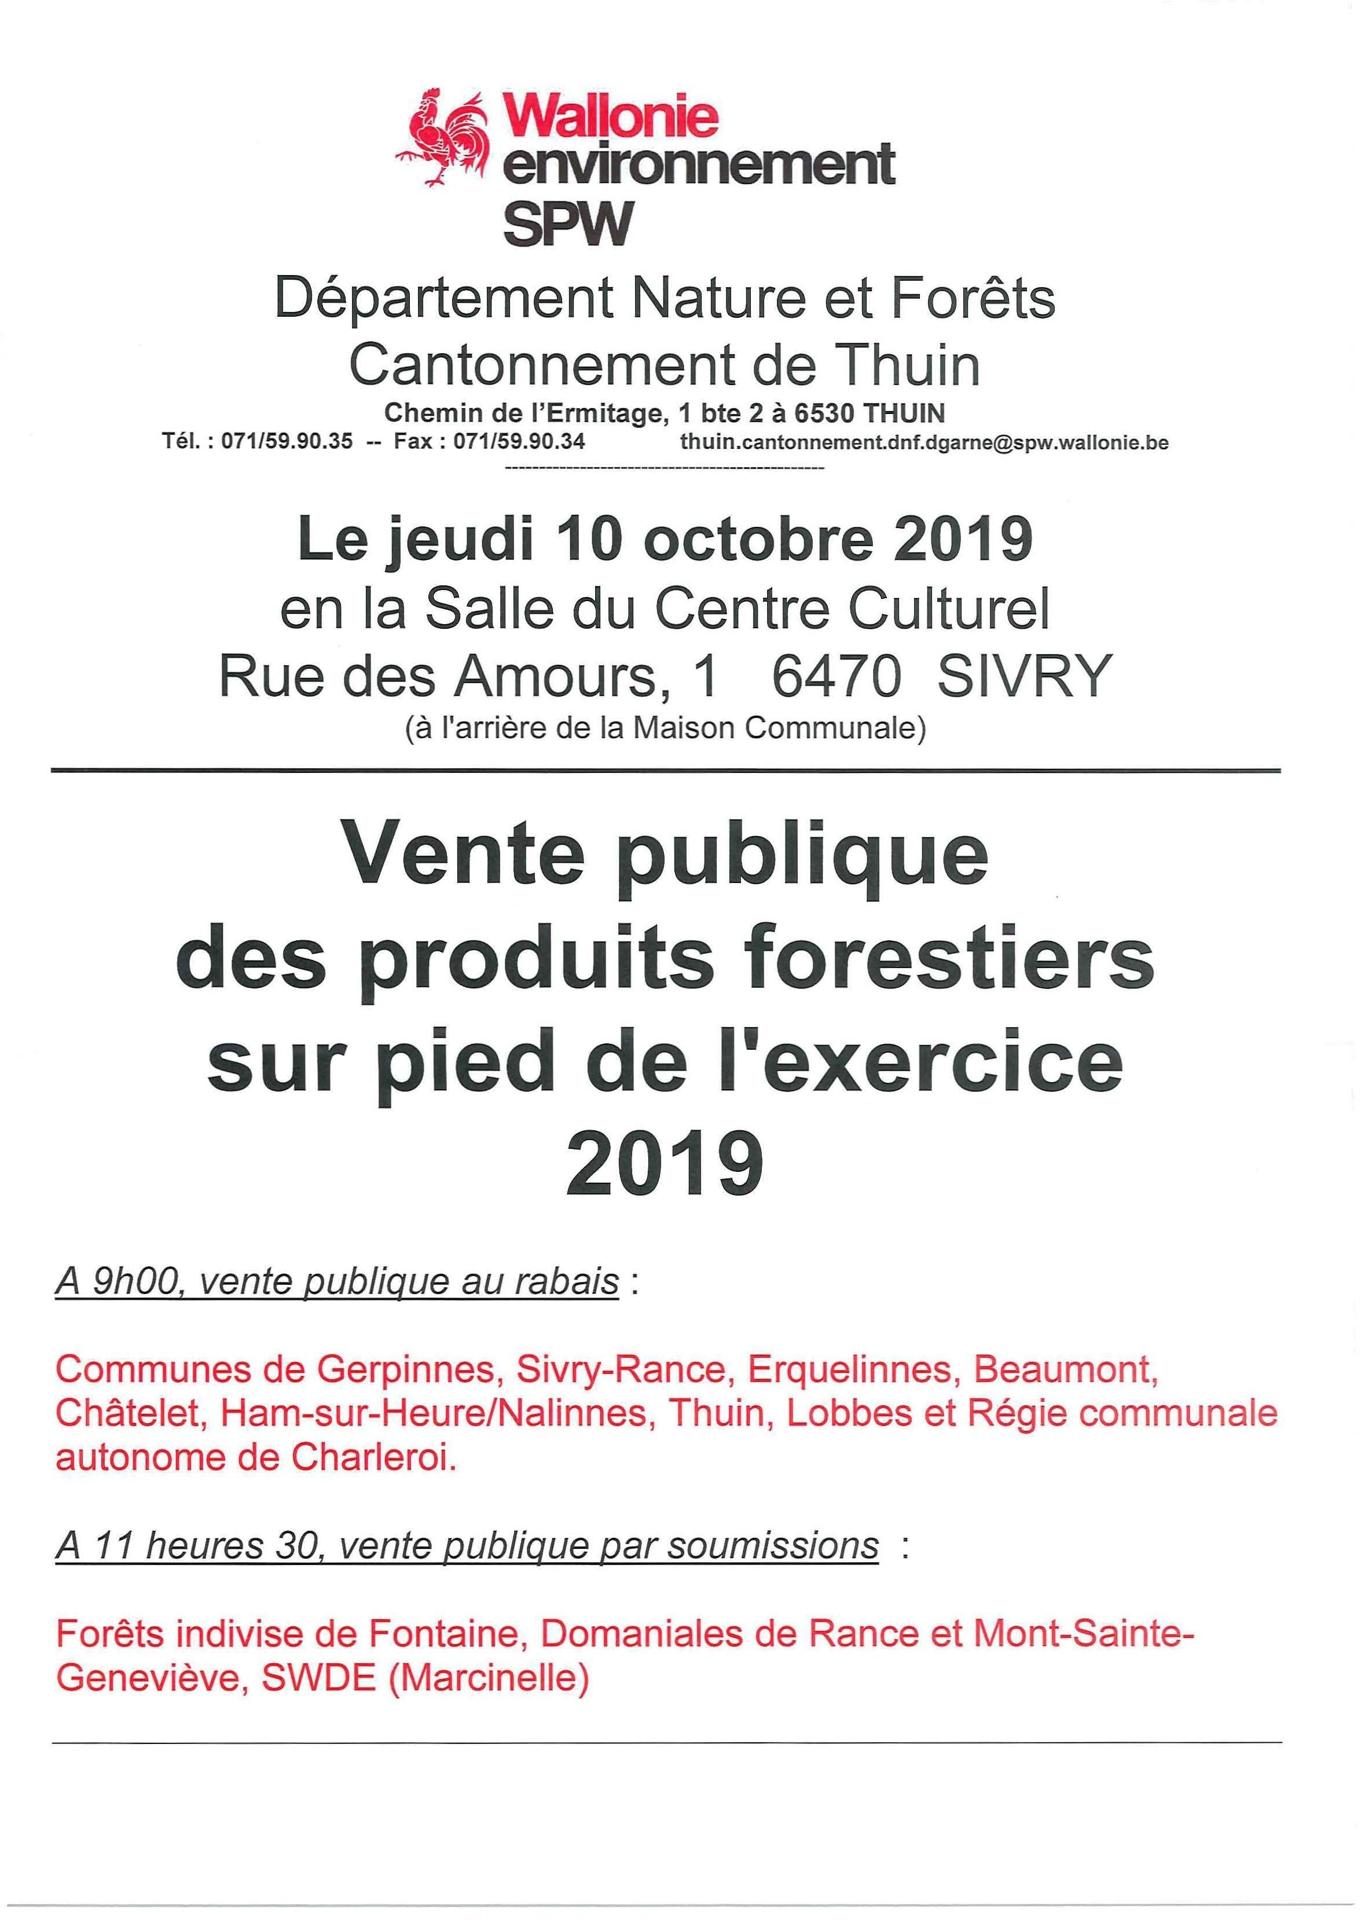 Vente publique des produits forestiers 2019